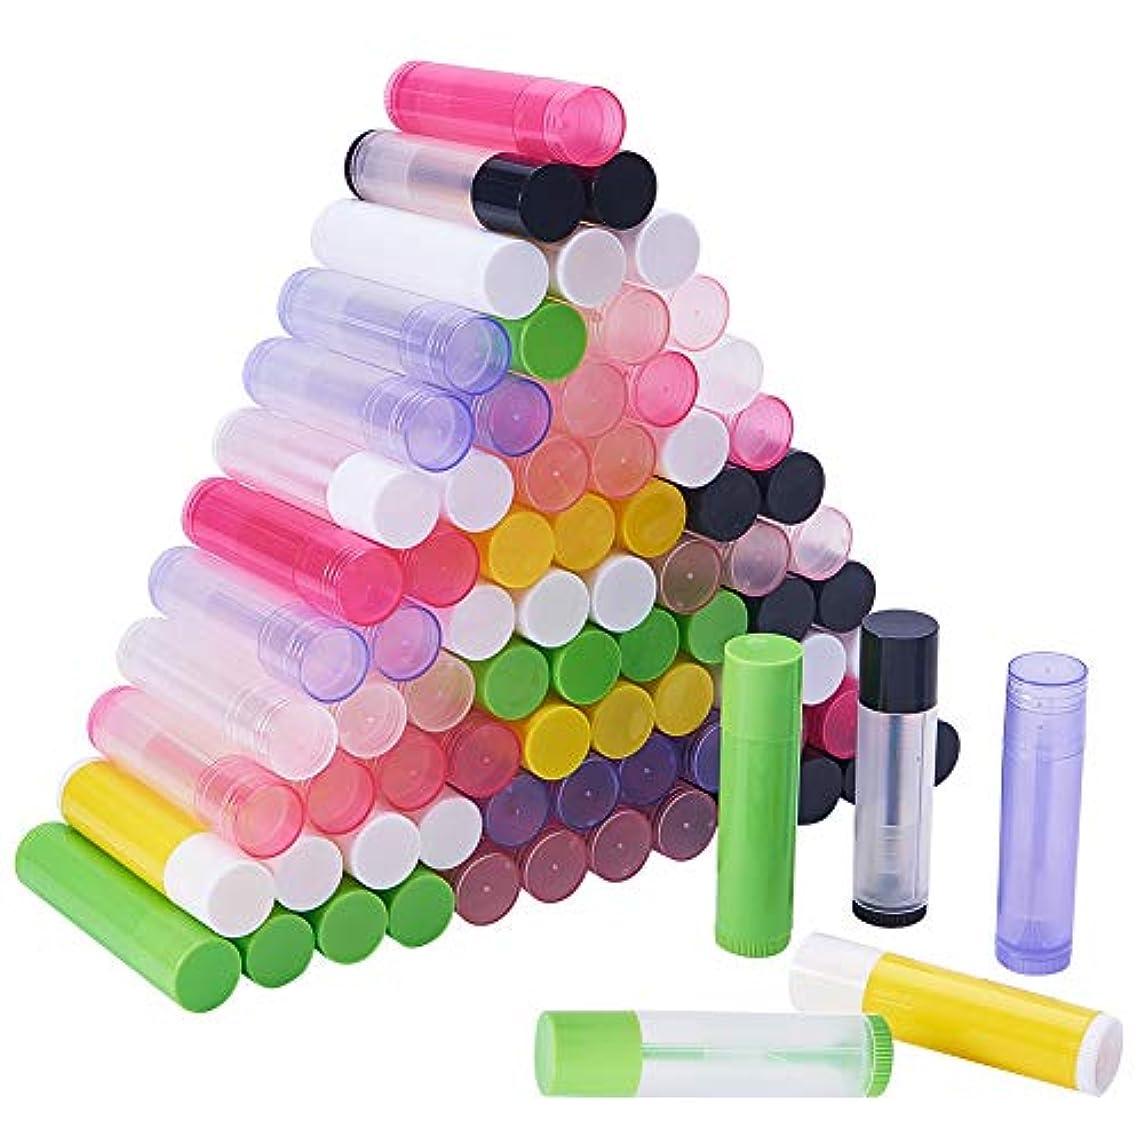 シャベル顔料自我PH PandaHall 約90本 15色 リップ クリーム チューブ 5g容量 回転式 ミニ 詰め替え ボトル 透明&非透明 小分けボトル リップスティック 口紅 包装材料 繰り出し容器 手作りコスメ 混合色